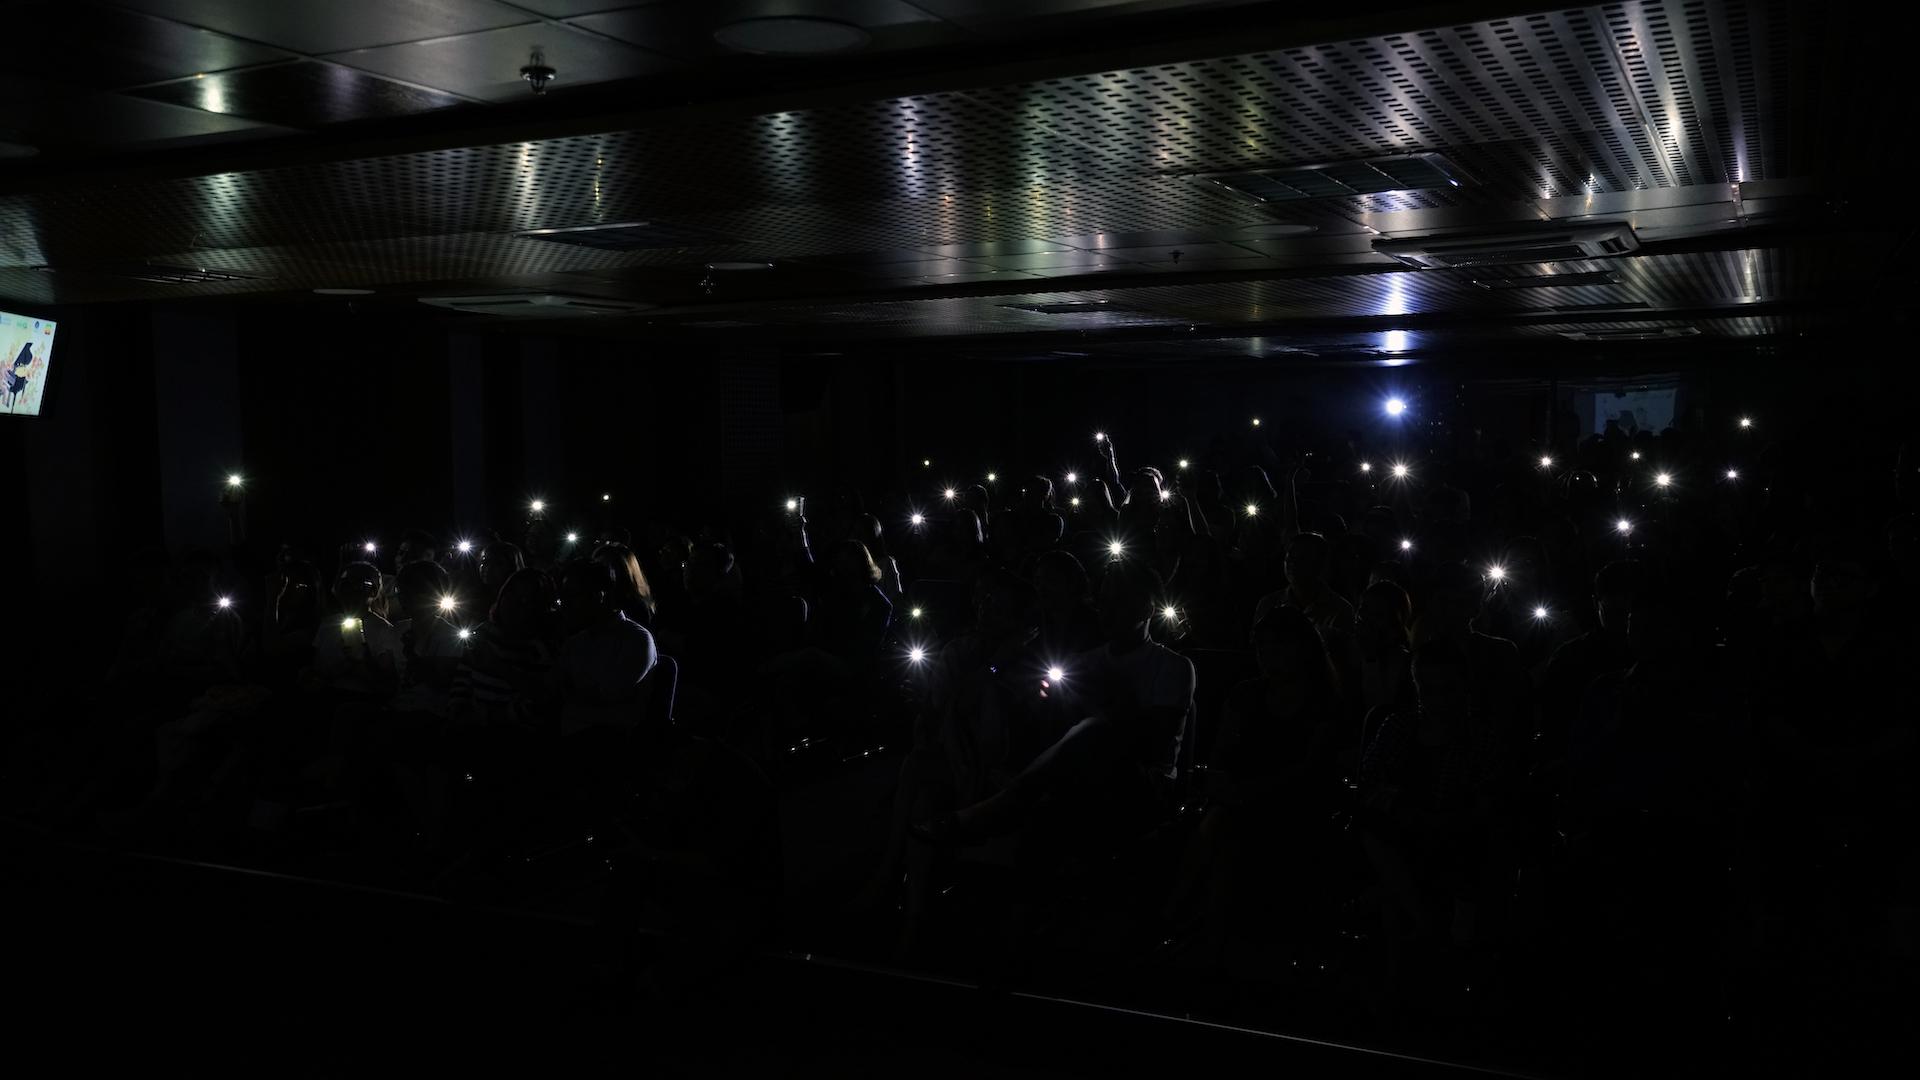 """Hàng trăm bạn trẻ cùng bật đèn flash trên điện thoại thông minh để hòa mình vào, cổ vũ cho phần trình bày của nhóm AMER với bài hát """"Thế giới không phiền lo"""""""